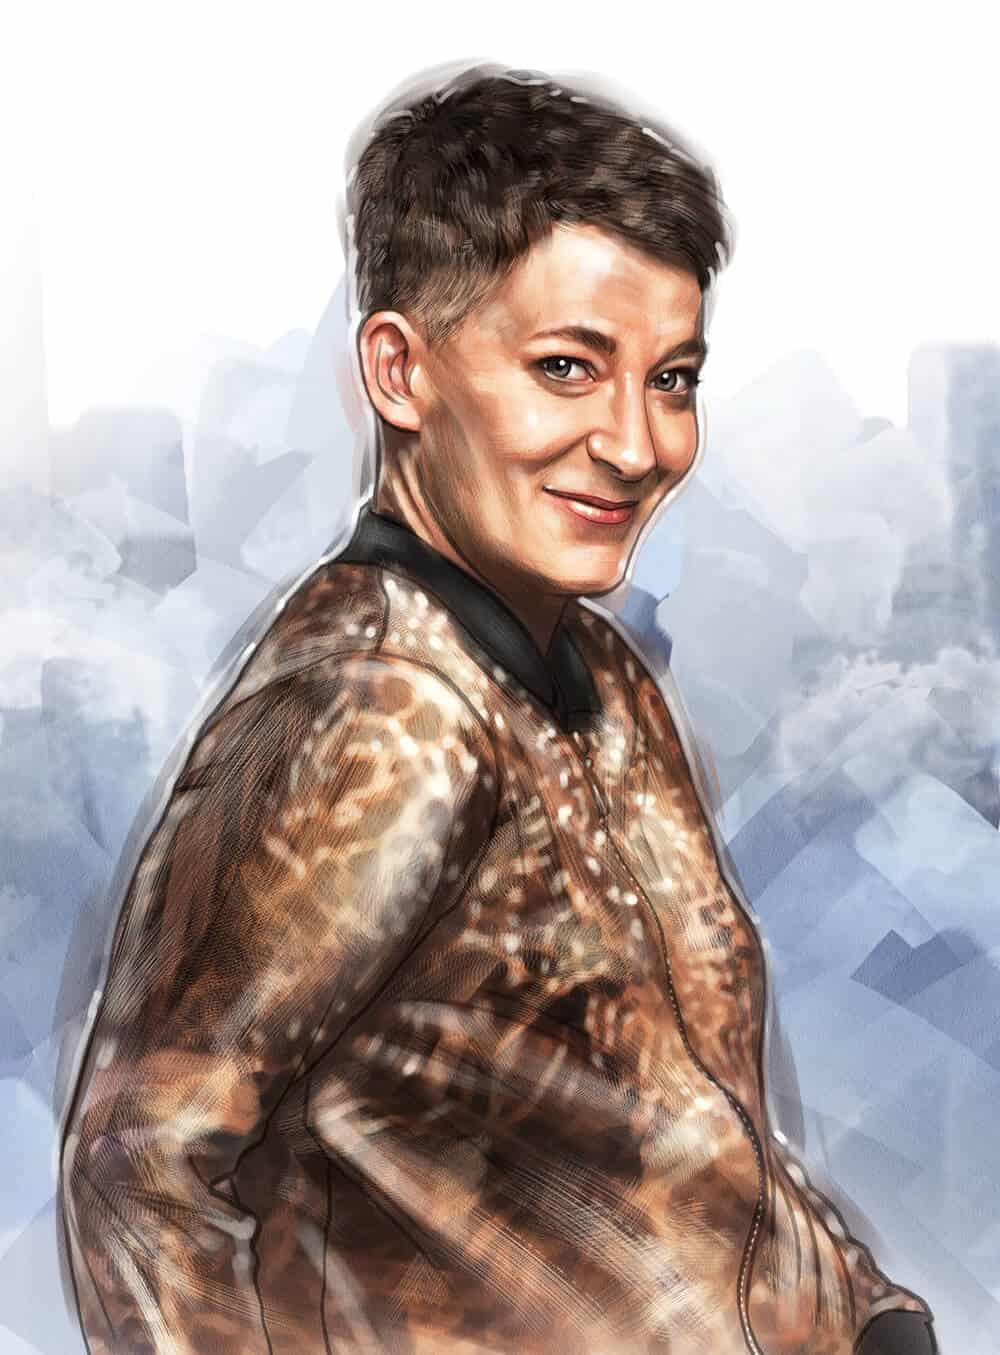 Jemma Kahn